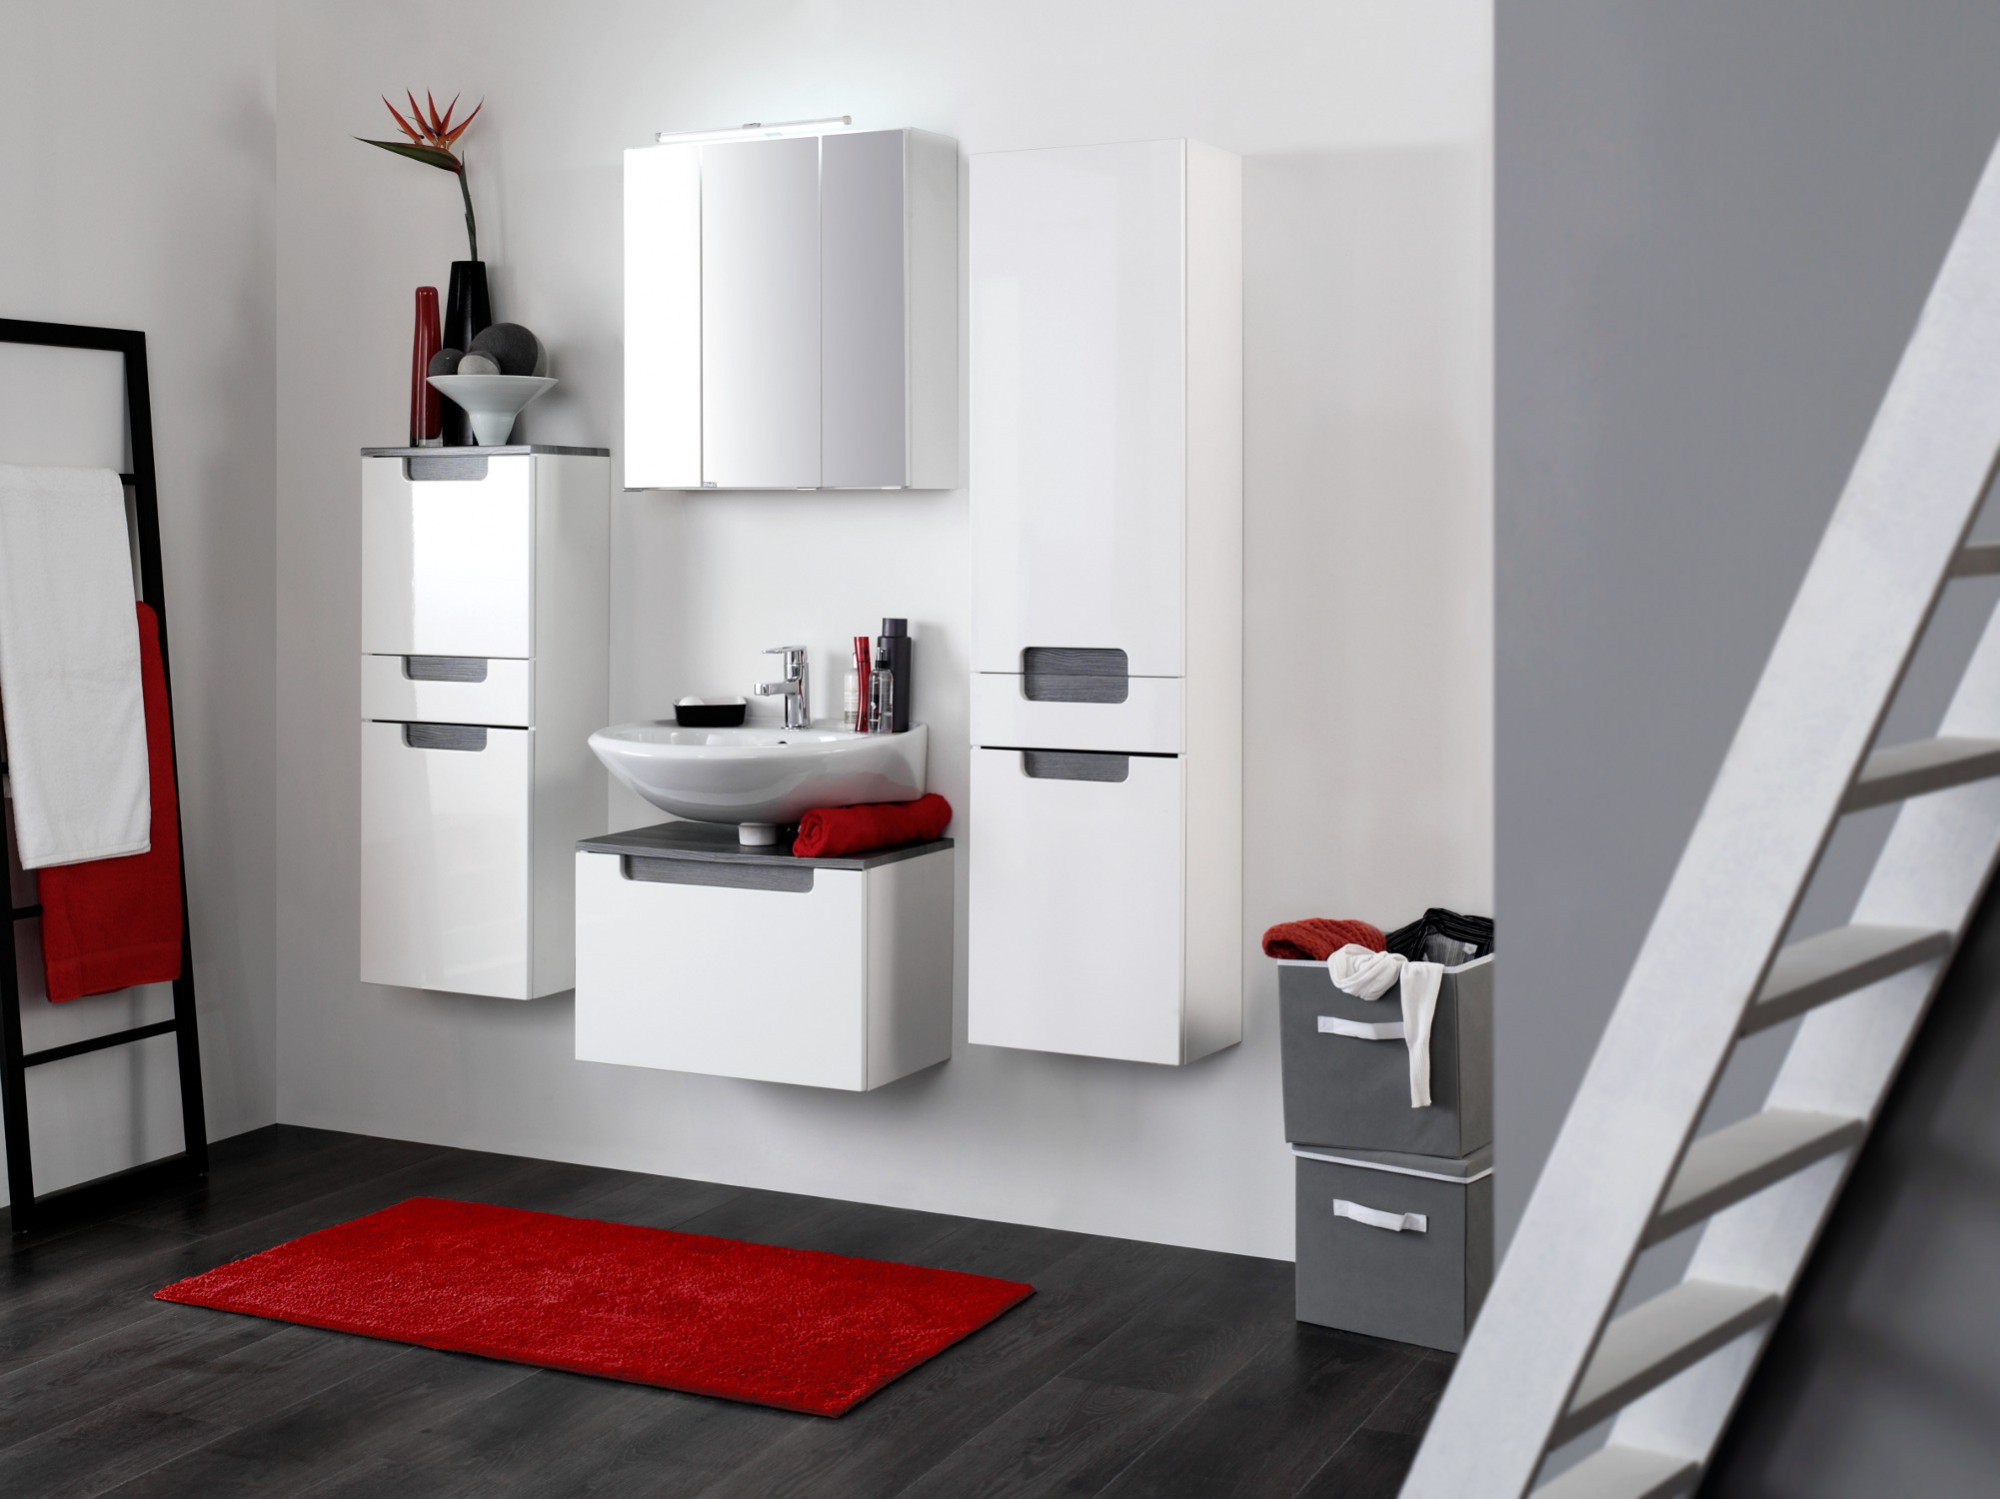 bad hochschrank siena 2 t rig 1 schublade 40 cm breit hochglanz wei rauchsilber bad siena. Black Bedroom Furniture Sets. Home Design Ideas